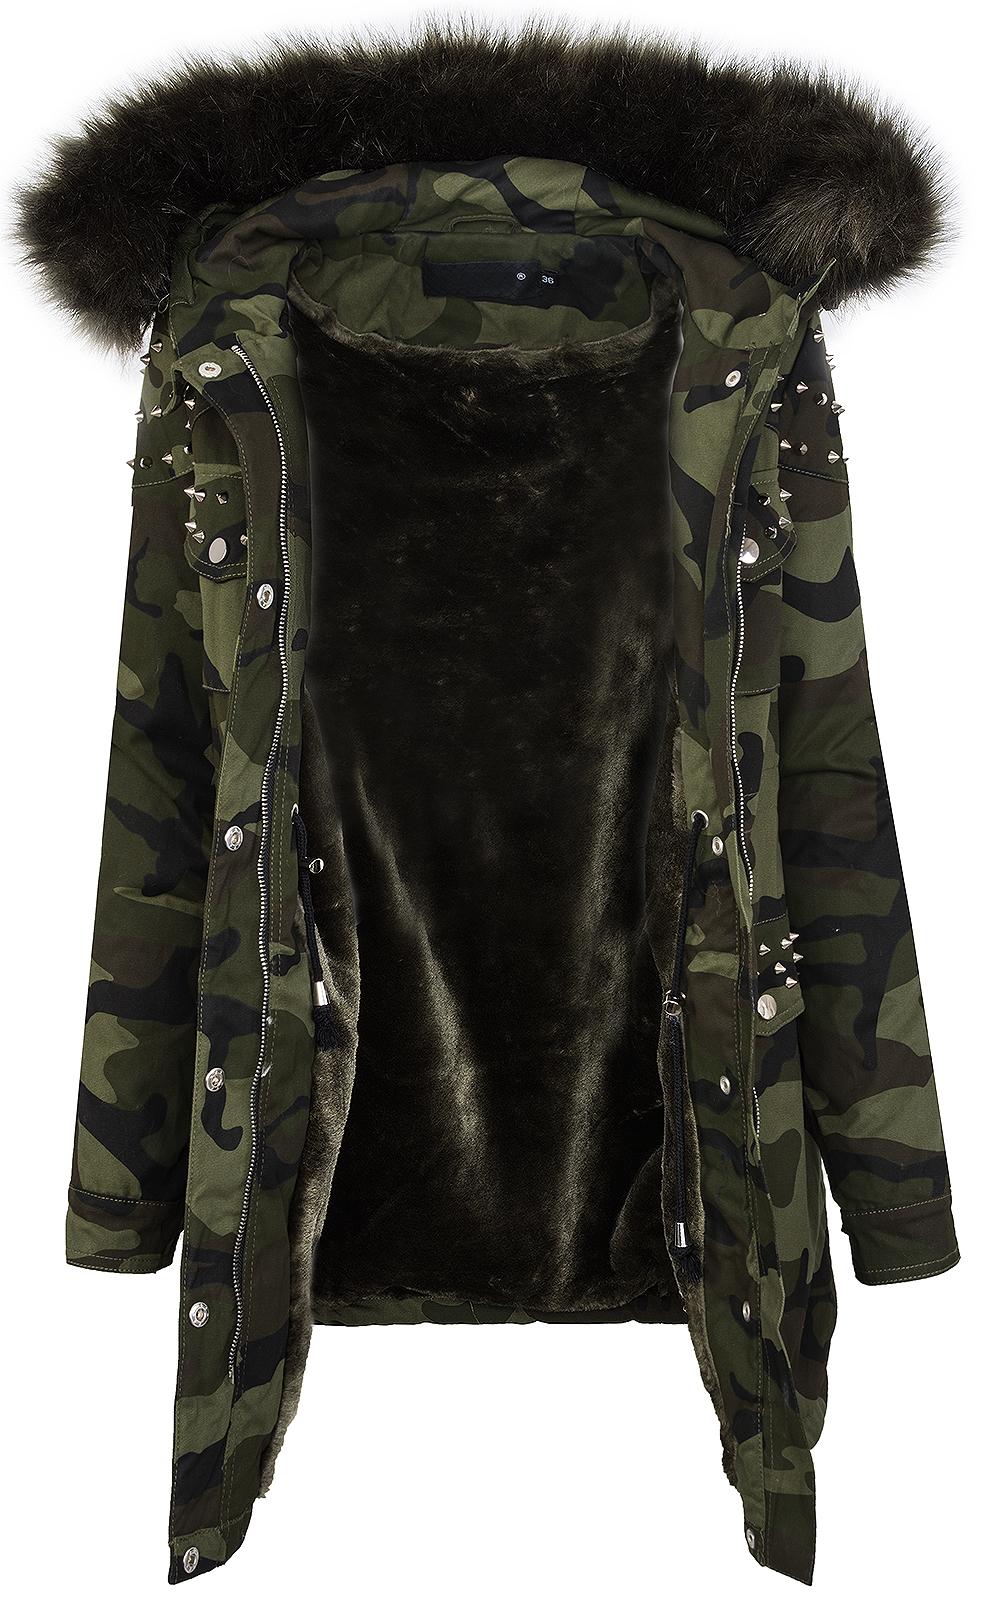 damen winter parka jacke army look damenjacke kunstfell kapuze mit nieten d 231 ebay. Black Bedroom Furniture Sets. Home Design Ideas